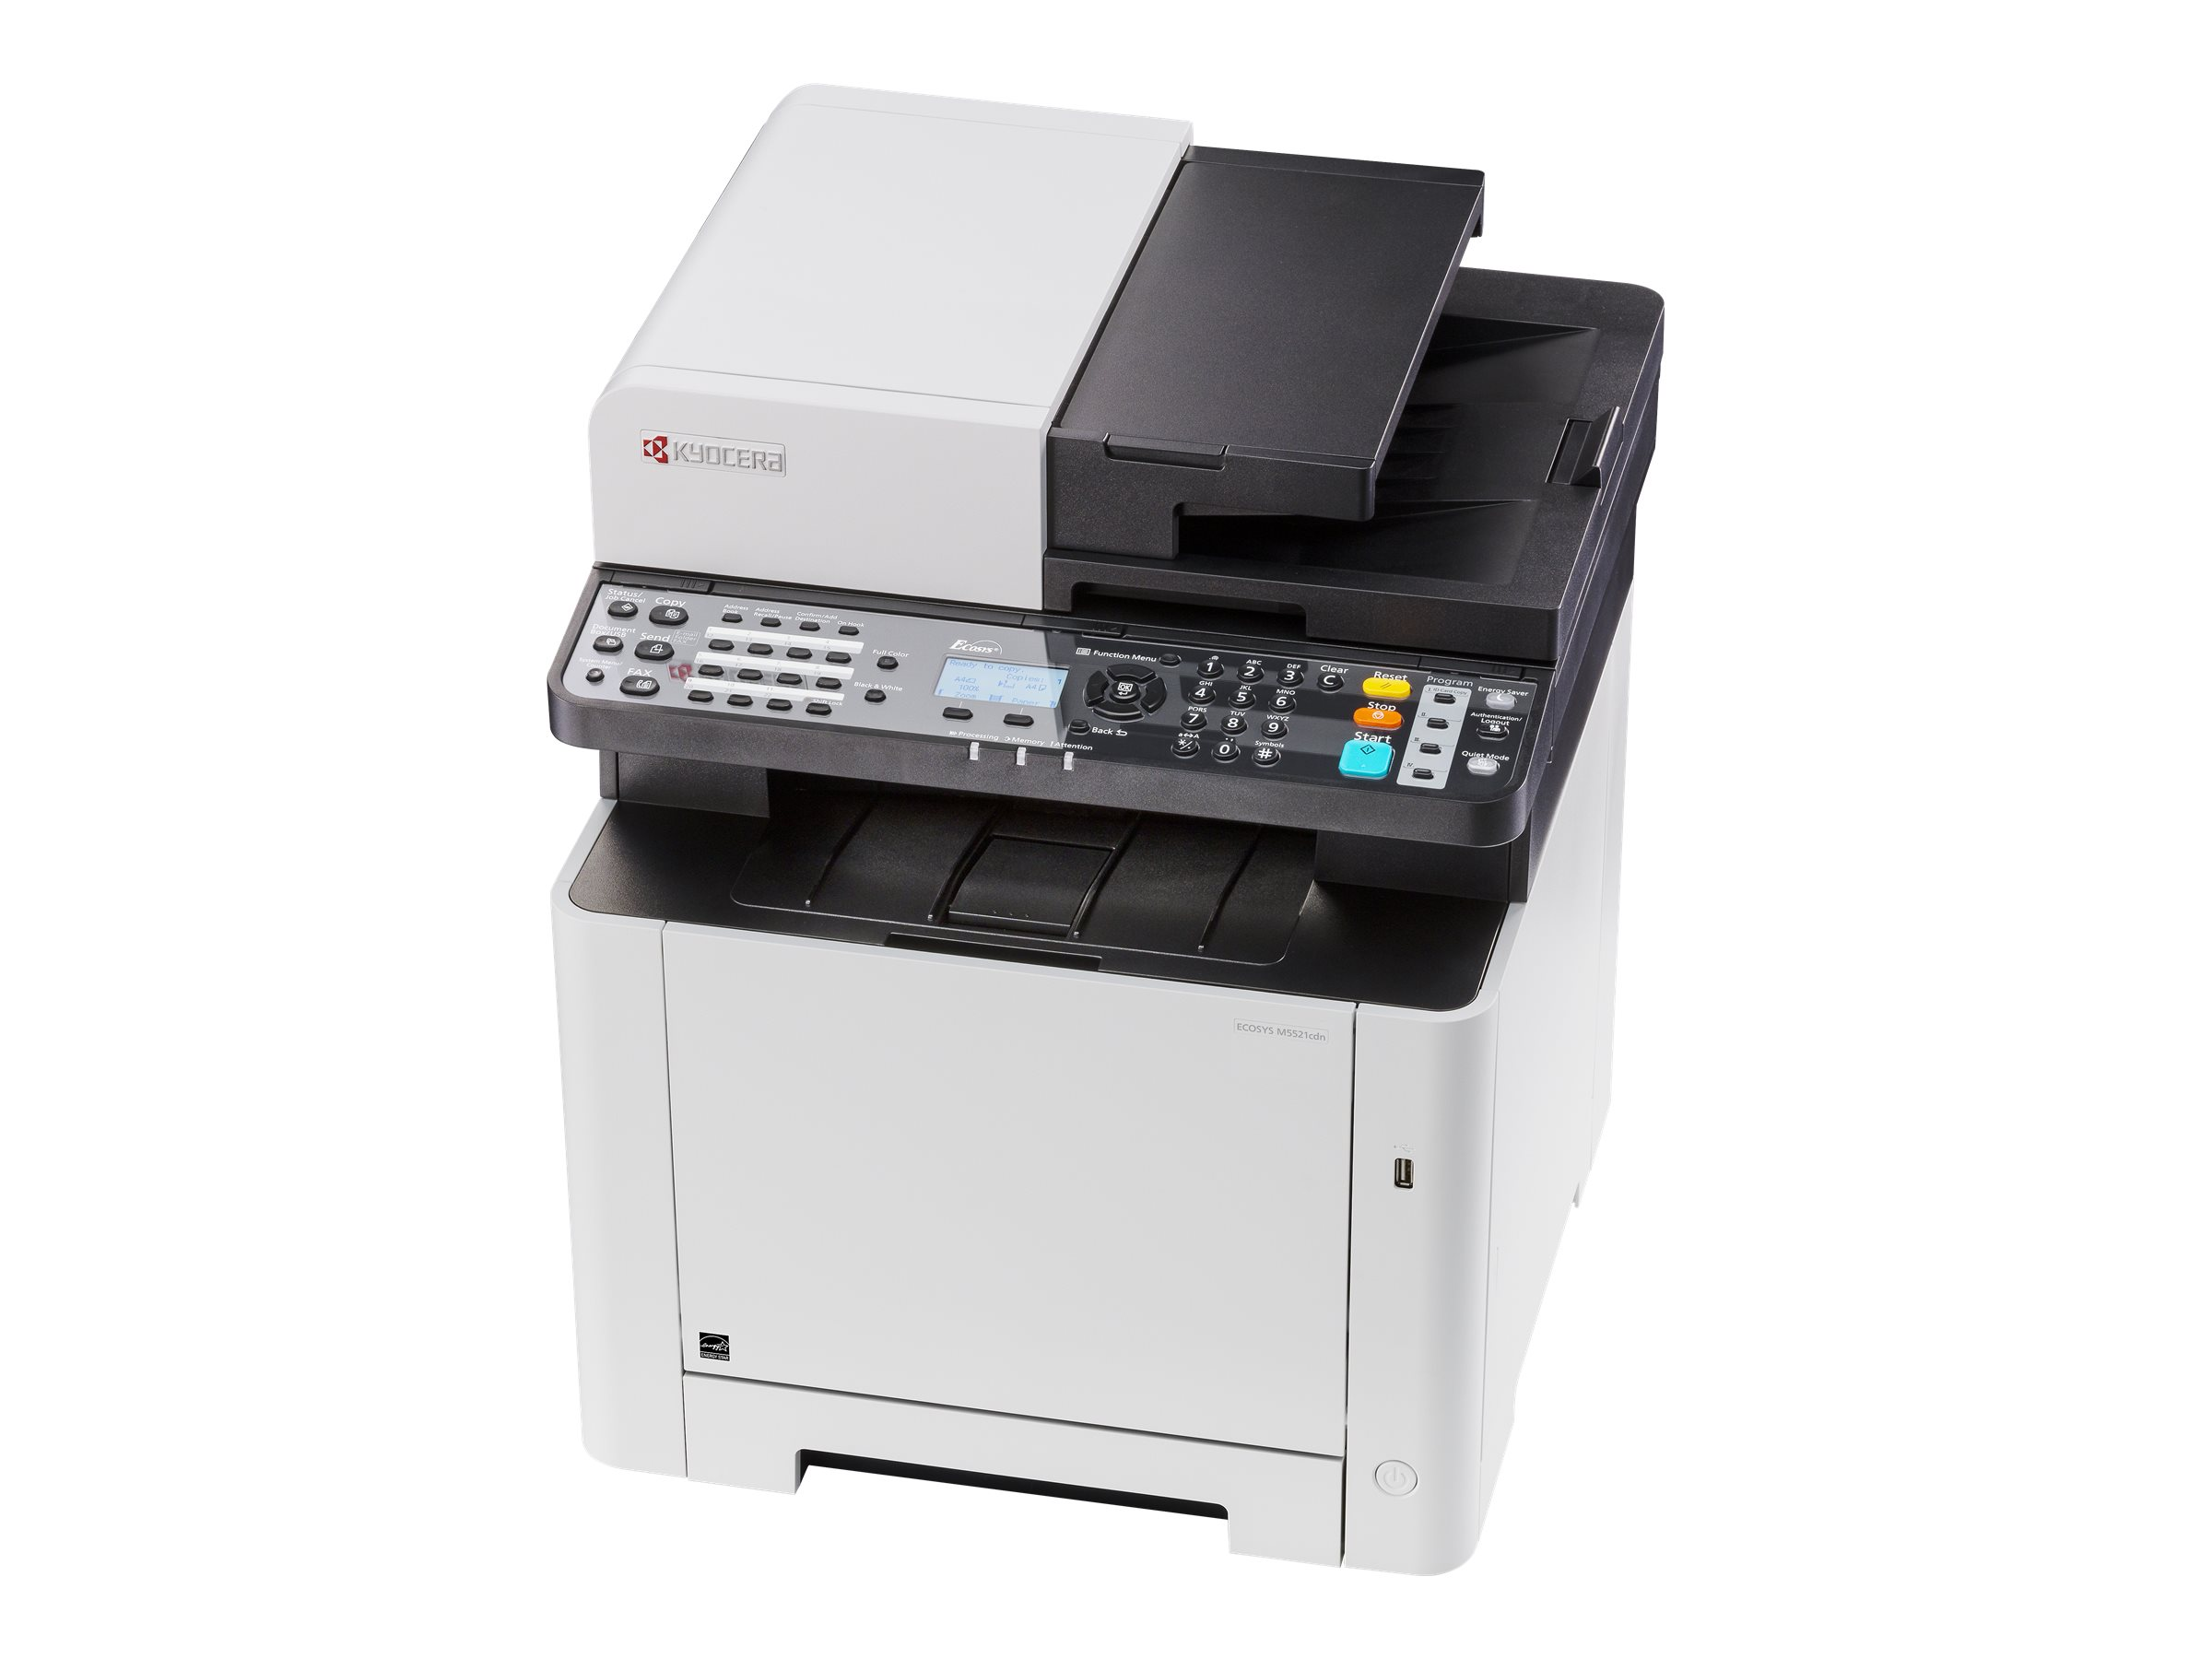 Kyocera ECOSYS M5521cdn - Multifunktionsdrucker - Farbe - Laser - Legal (216 x 356 mm)/